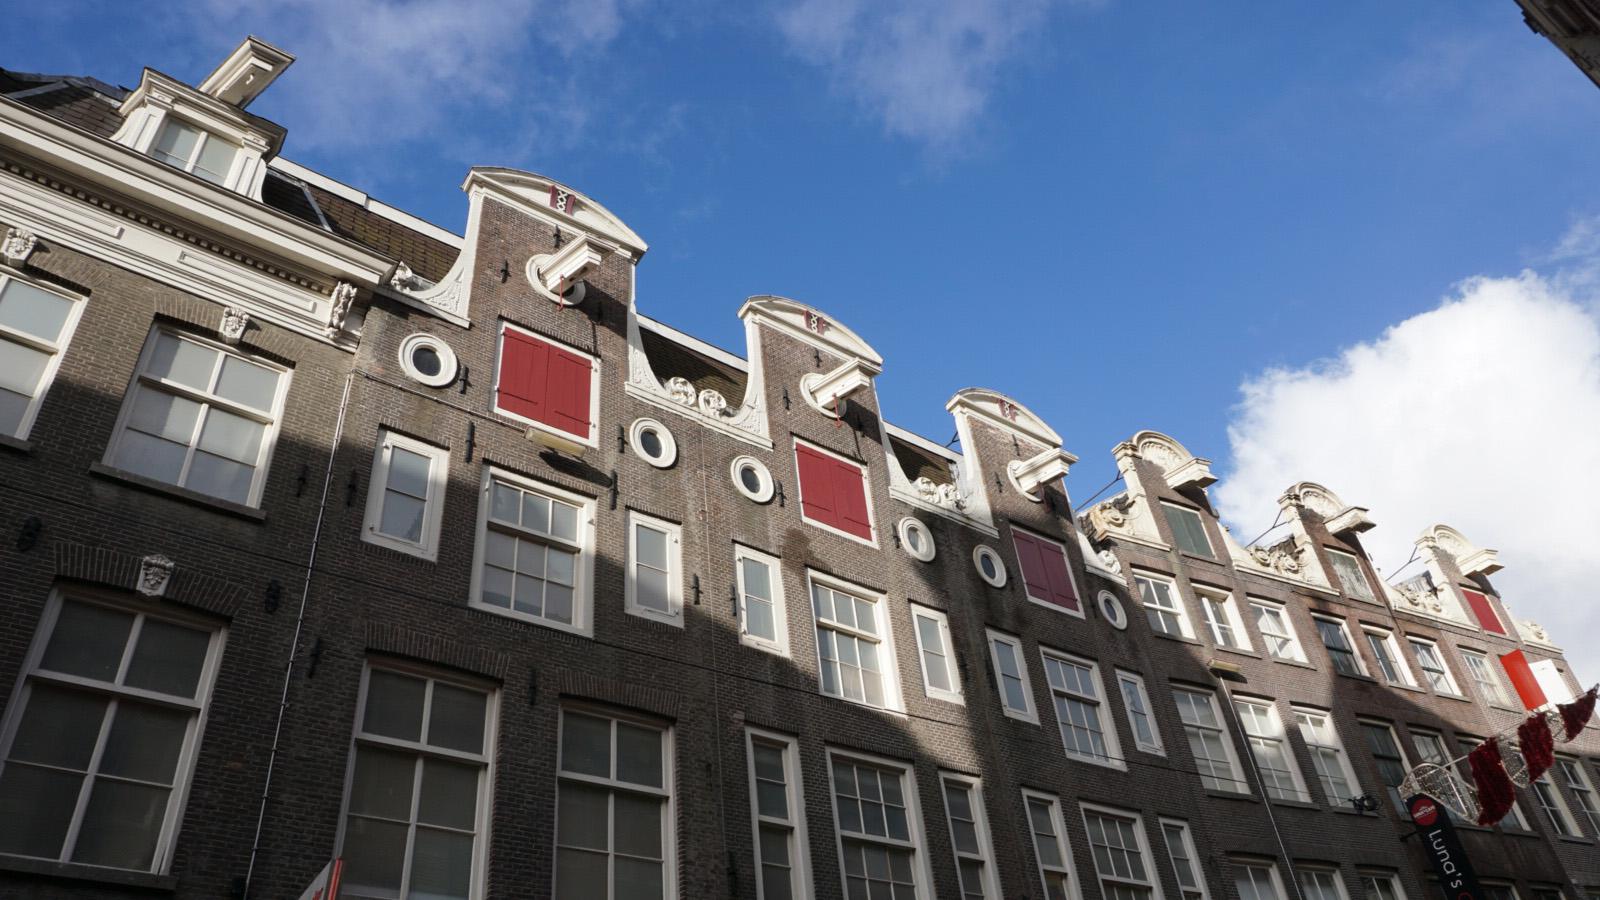 kalvastraat-amsterdam-holland-miniaturist-street